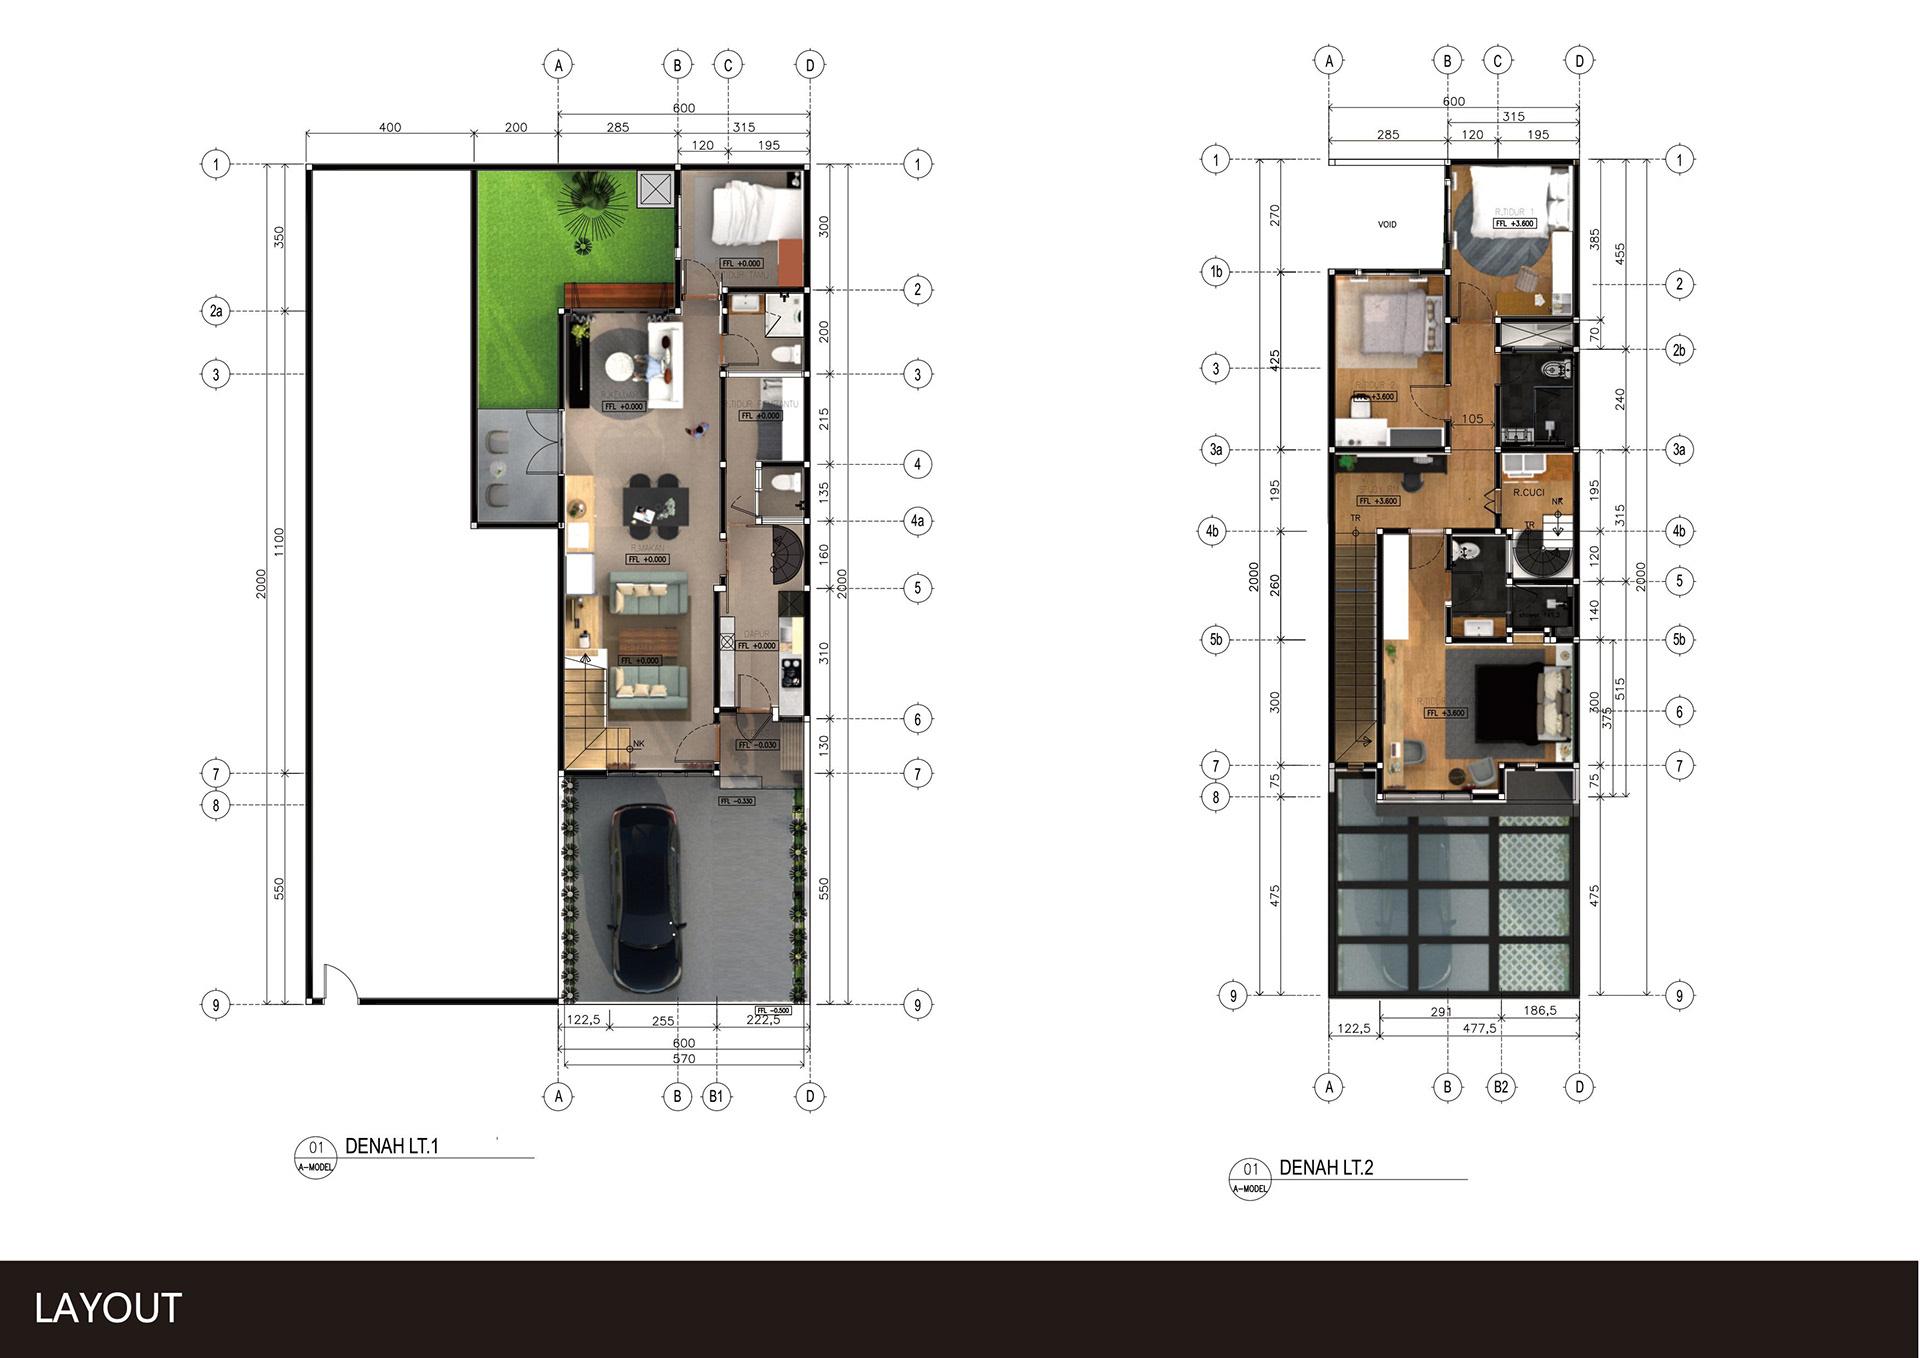 Bản Vẽ Mẫu Nhà Ở 2 Tầng Đà Nẵng